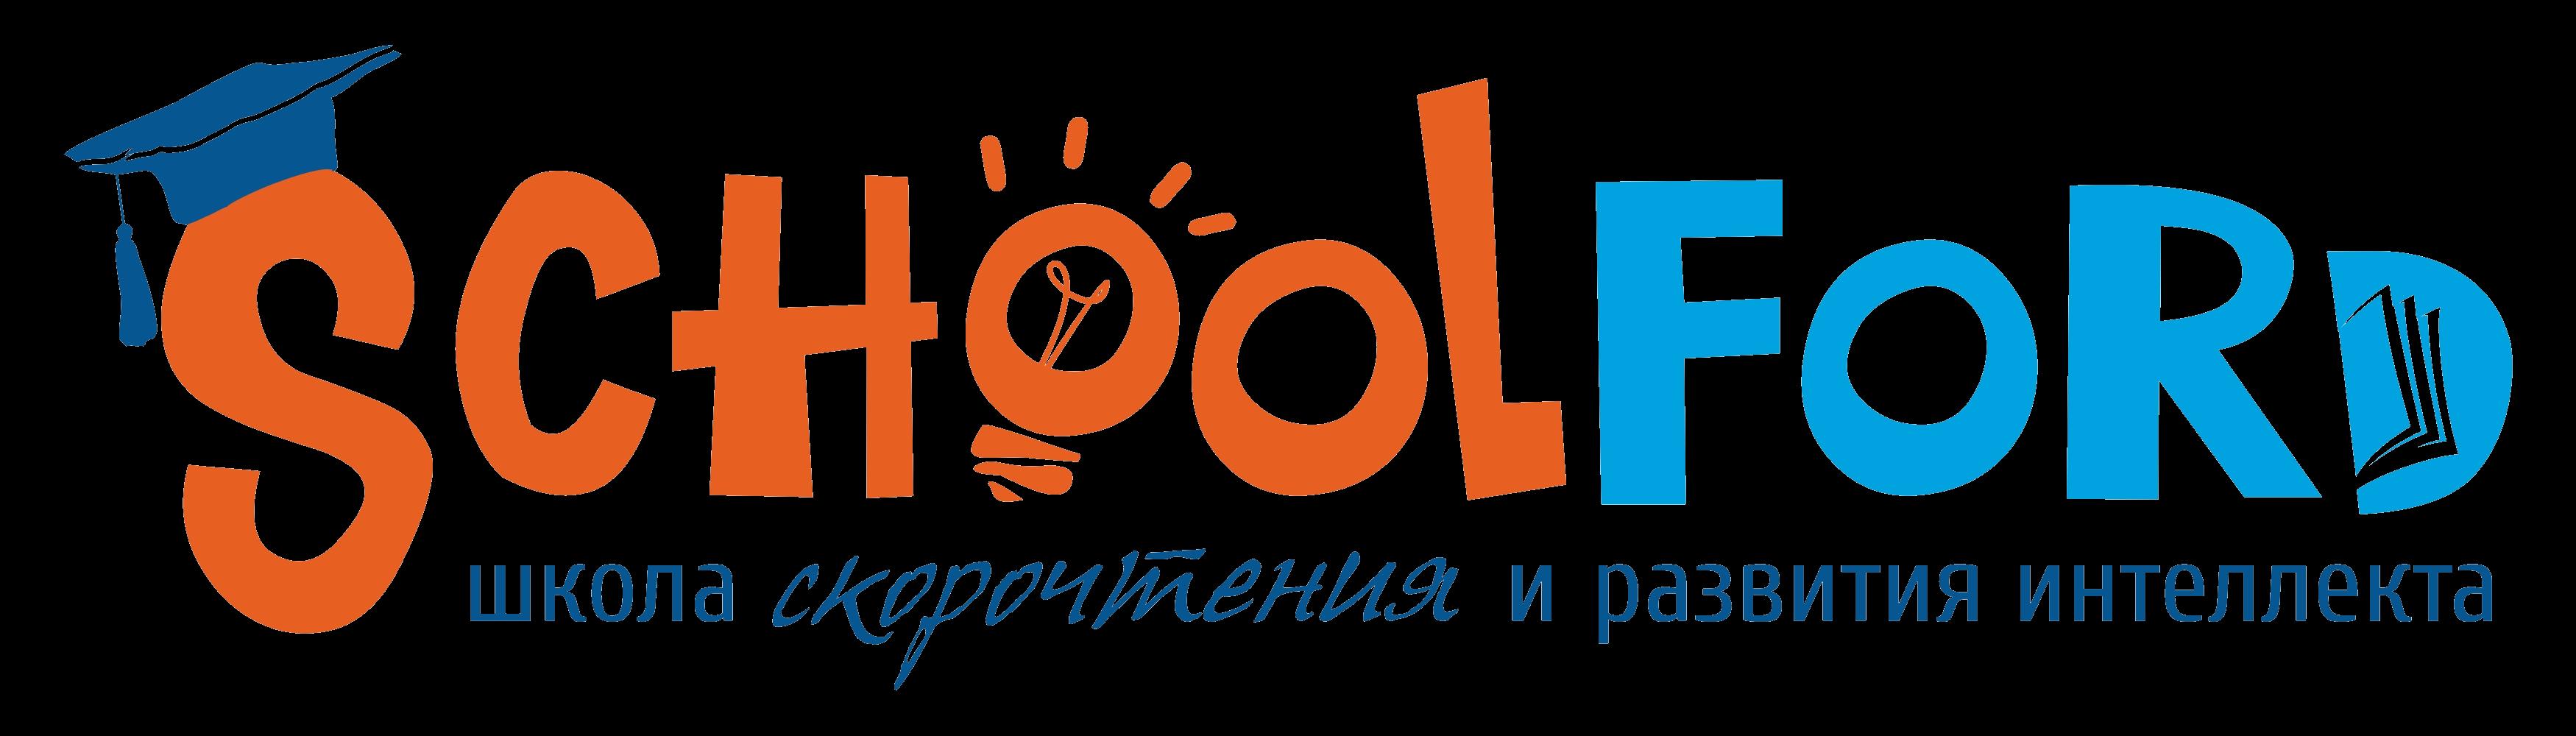 Логотип школы скорочтения Schoolford